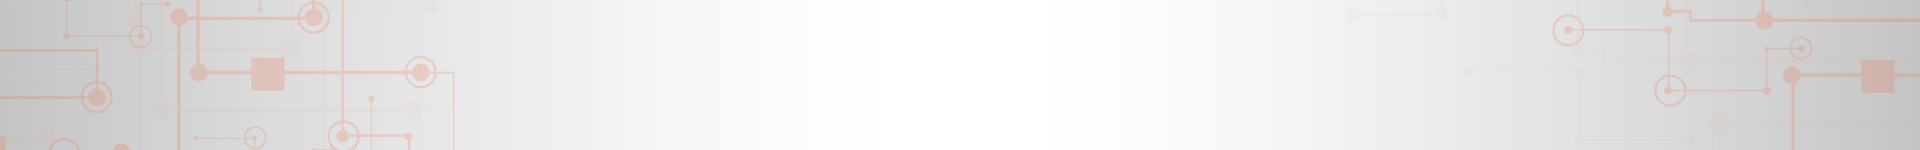 netwerkontwerp-pagebanner-alcadis-1